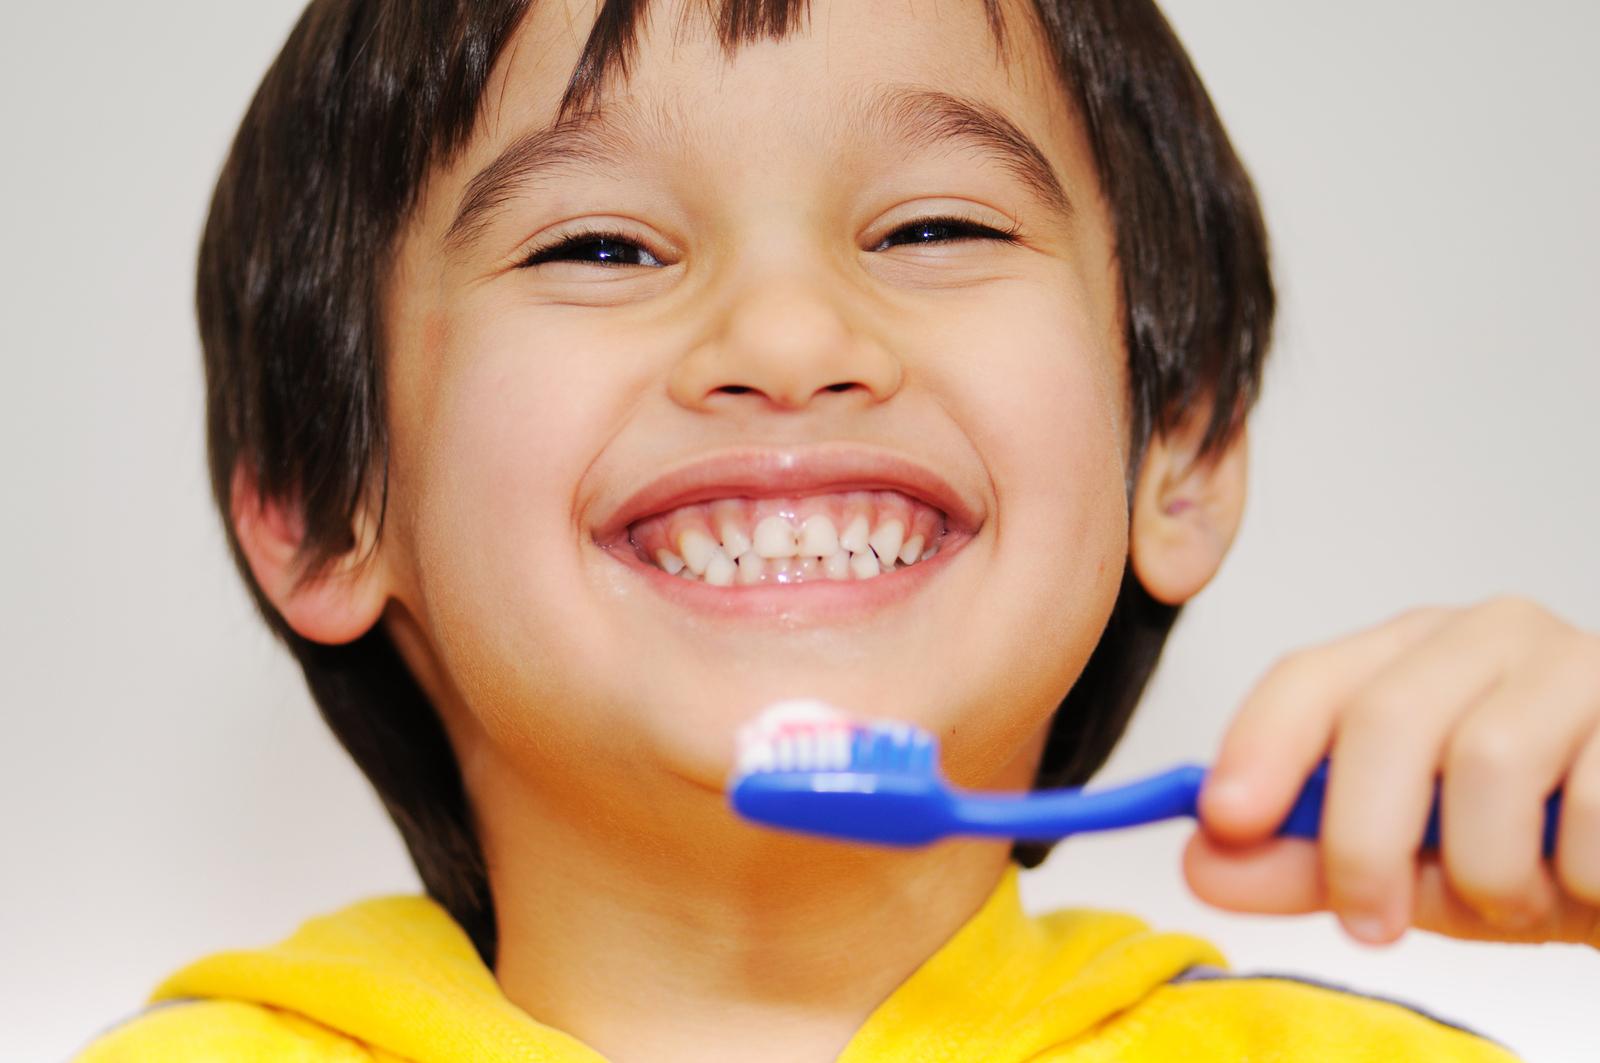 Thực hành chải răng đúng cách với đầy đủ 7 bước (Nguồn: cdn.explus.vn)